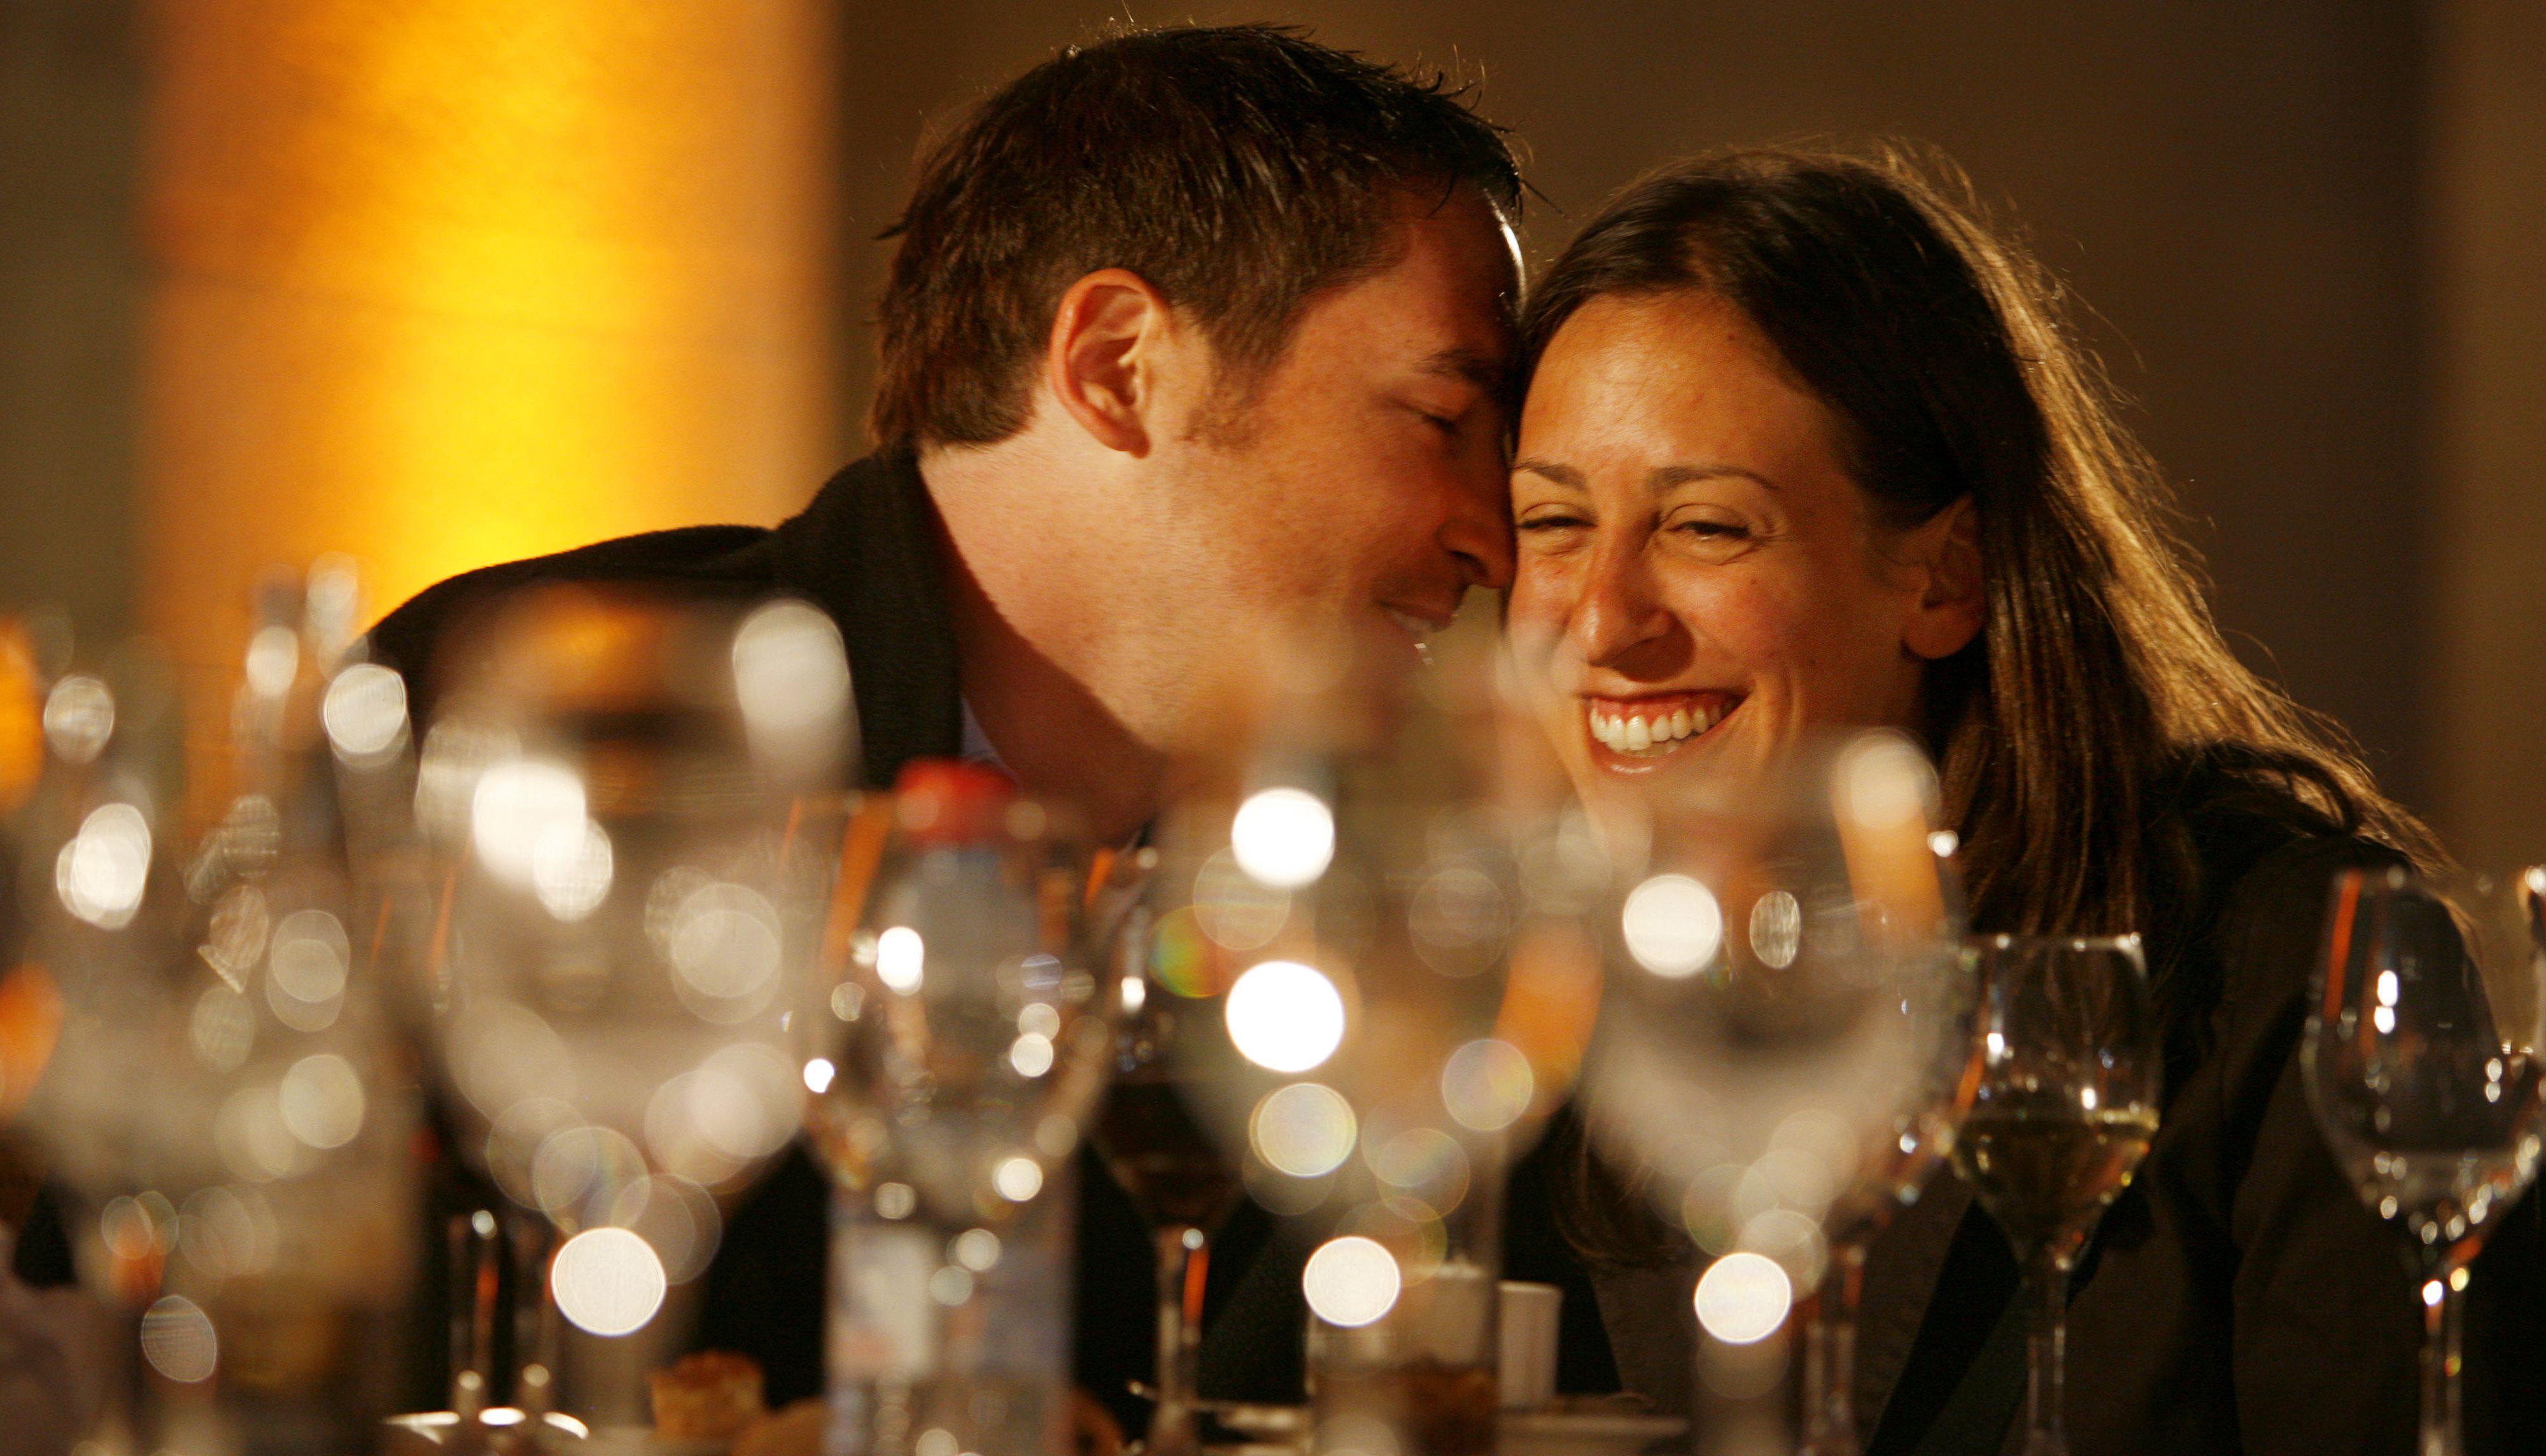 Nauka eharmony online dating